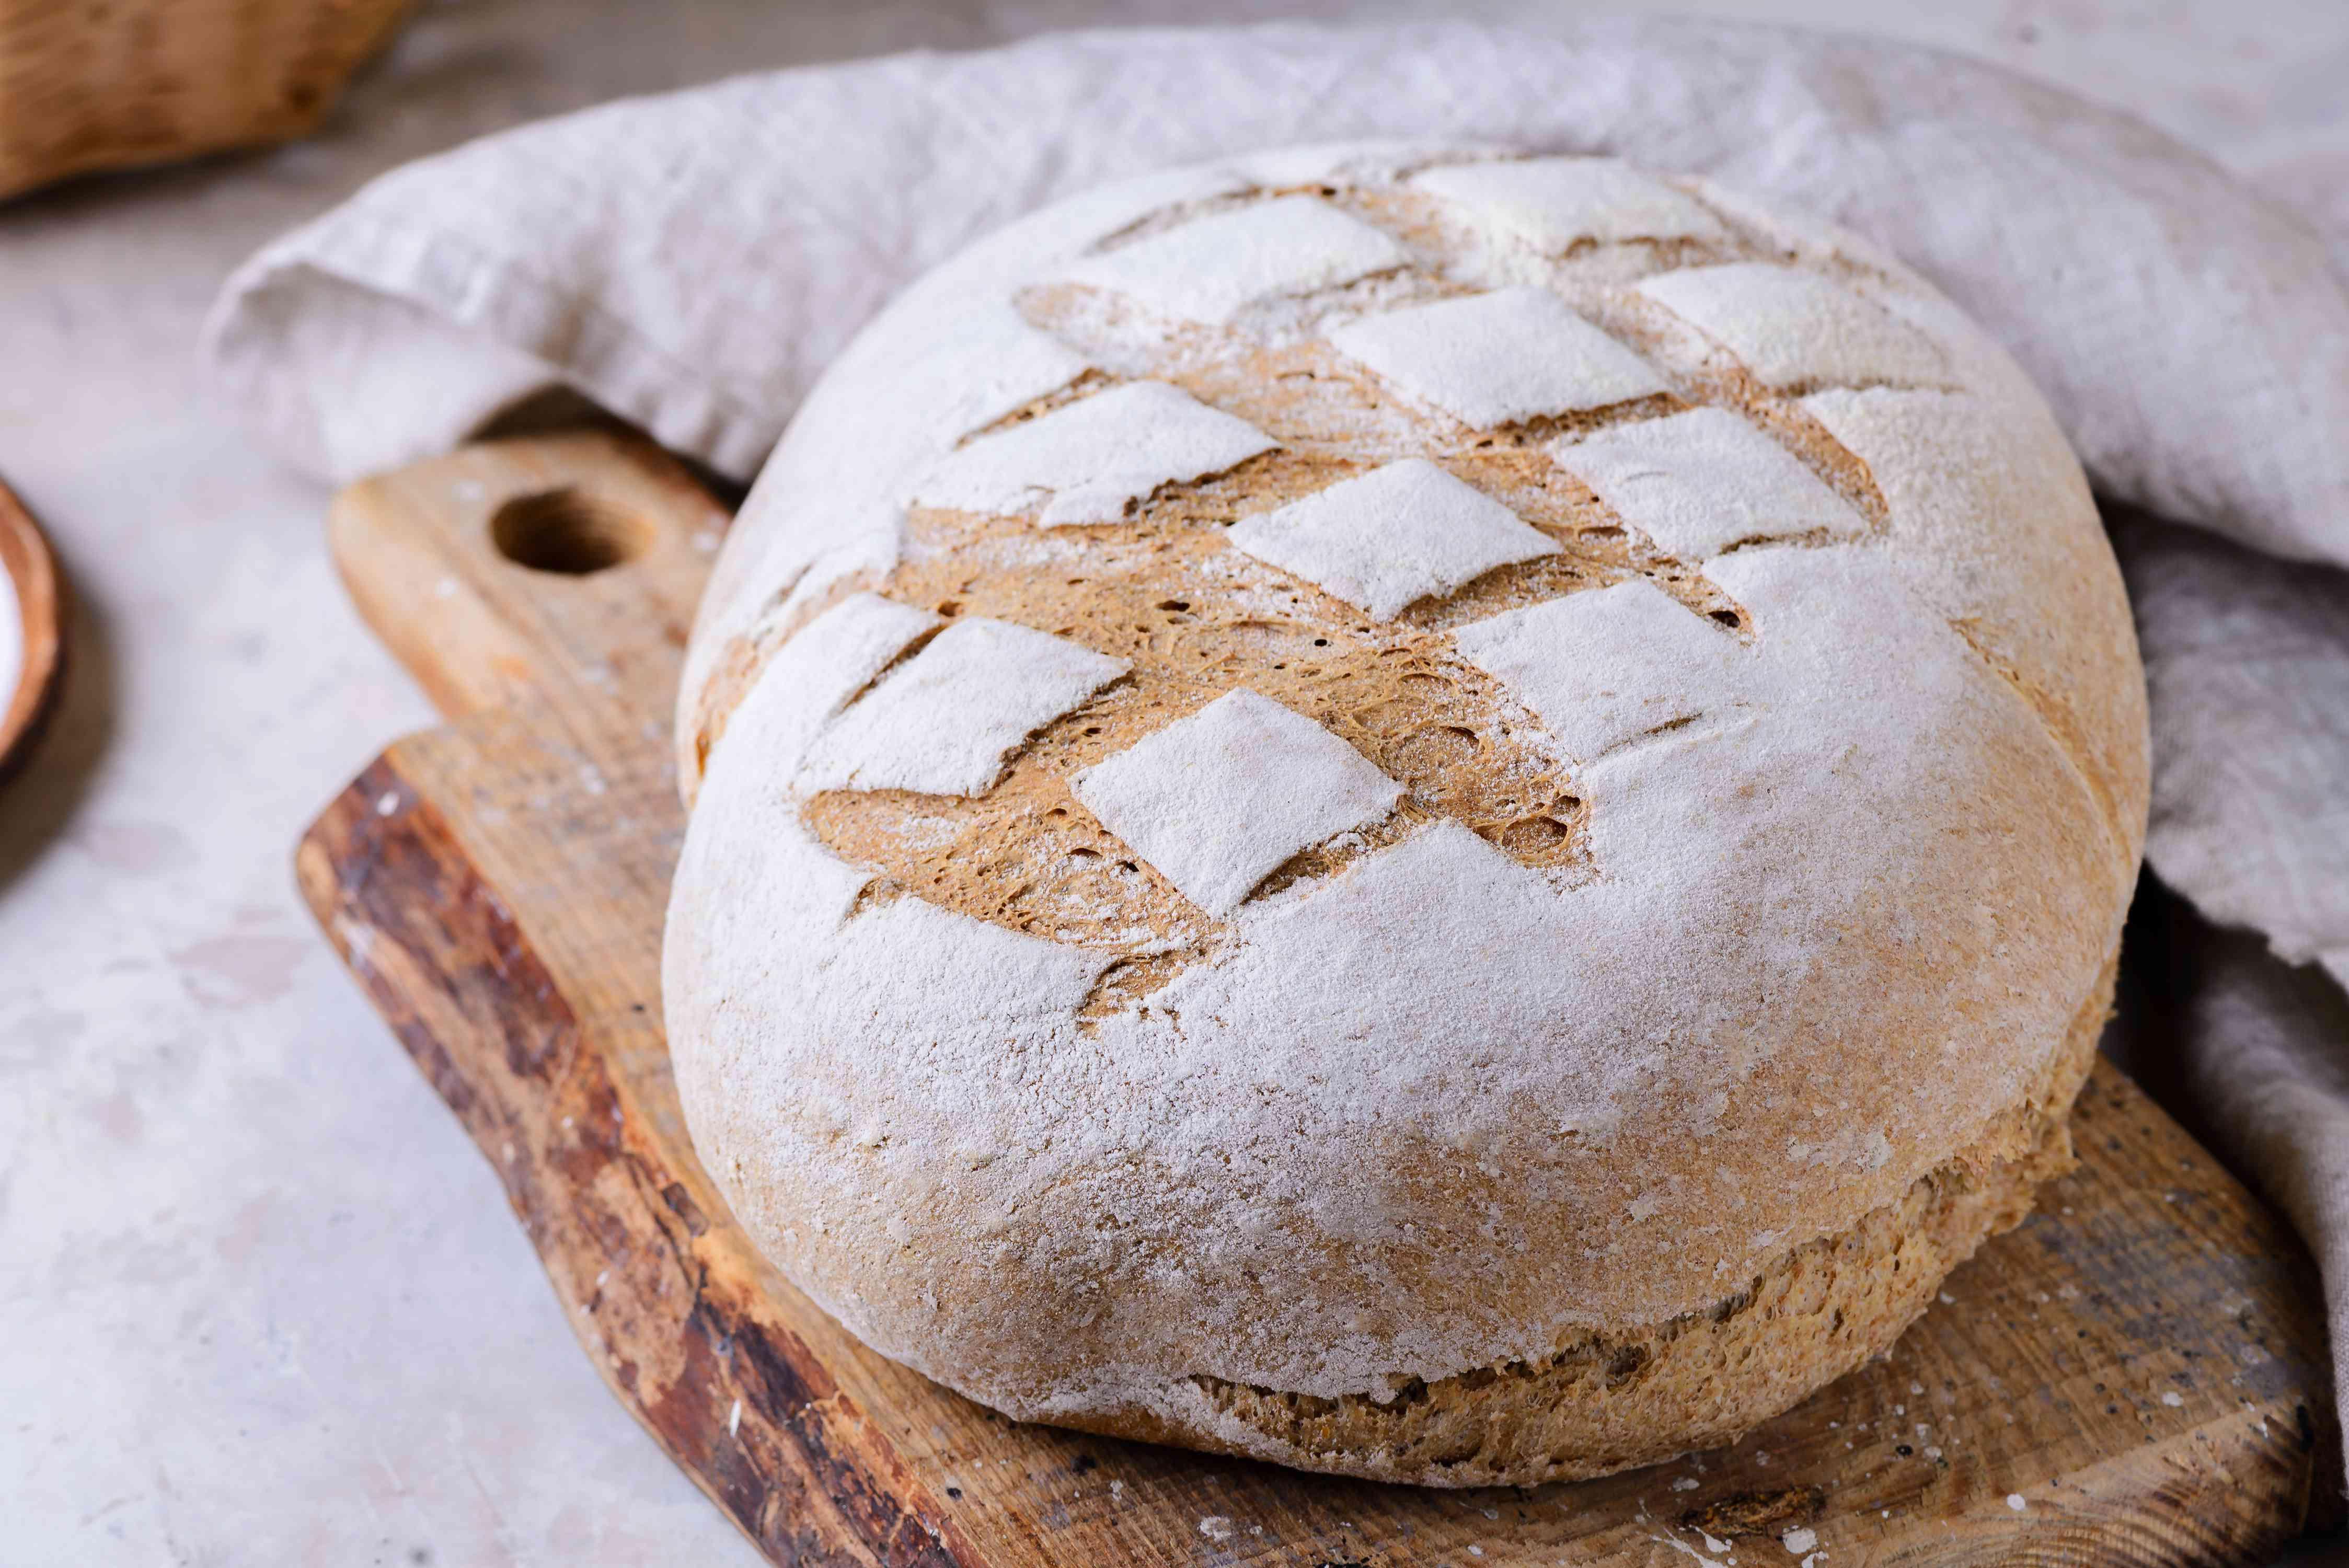 Remove bread